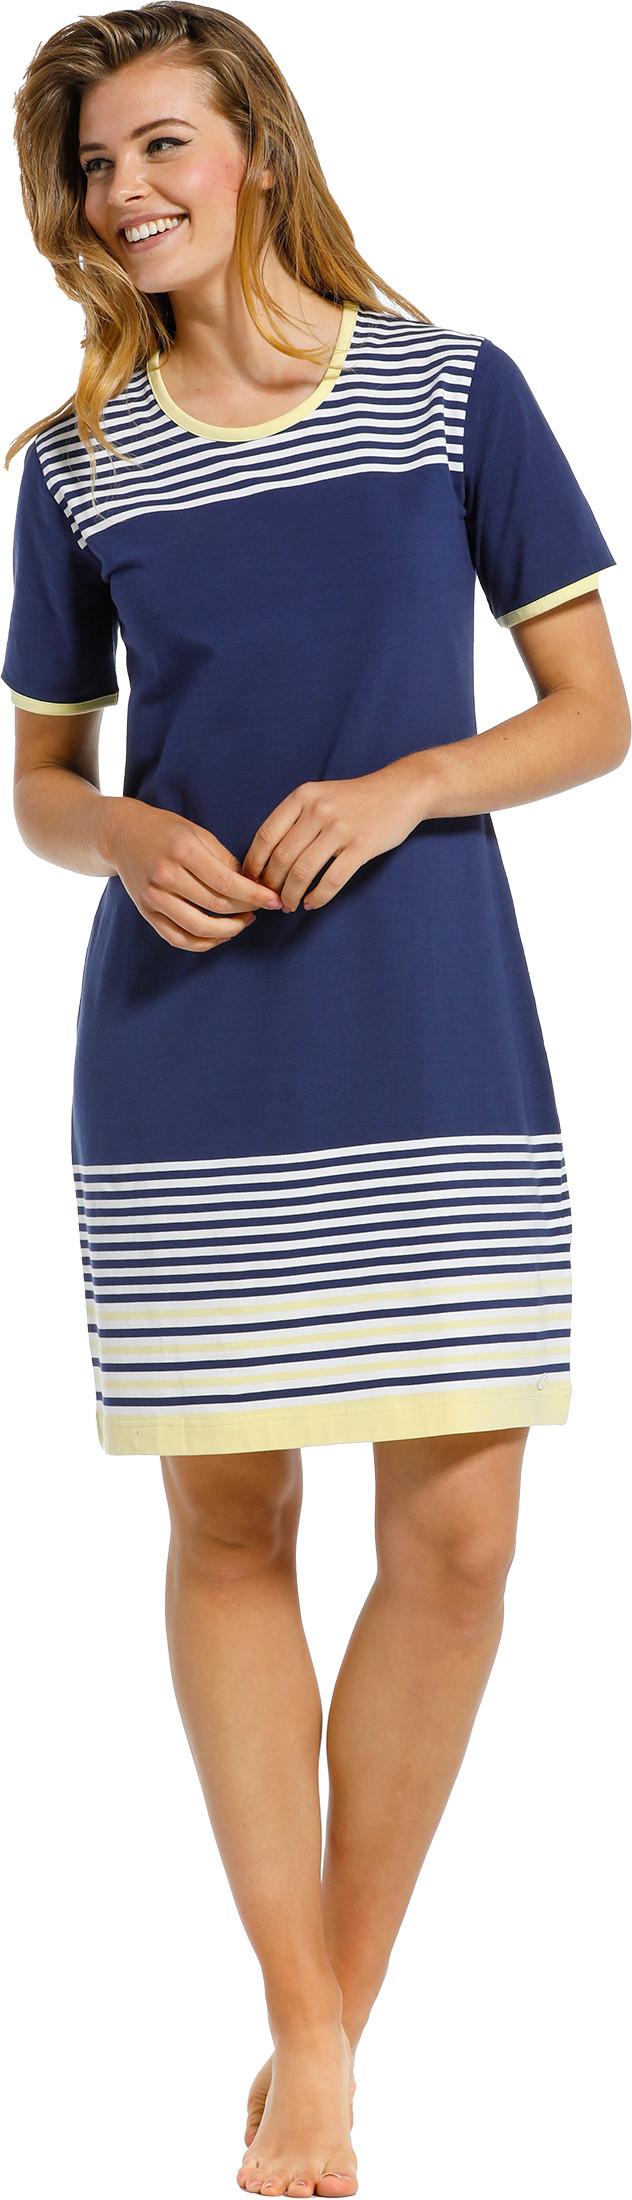 Dames nachthemd Pastunette 10211-157-2-44